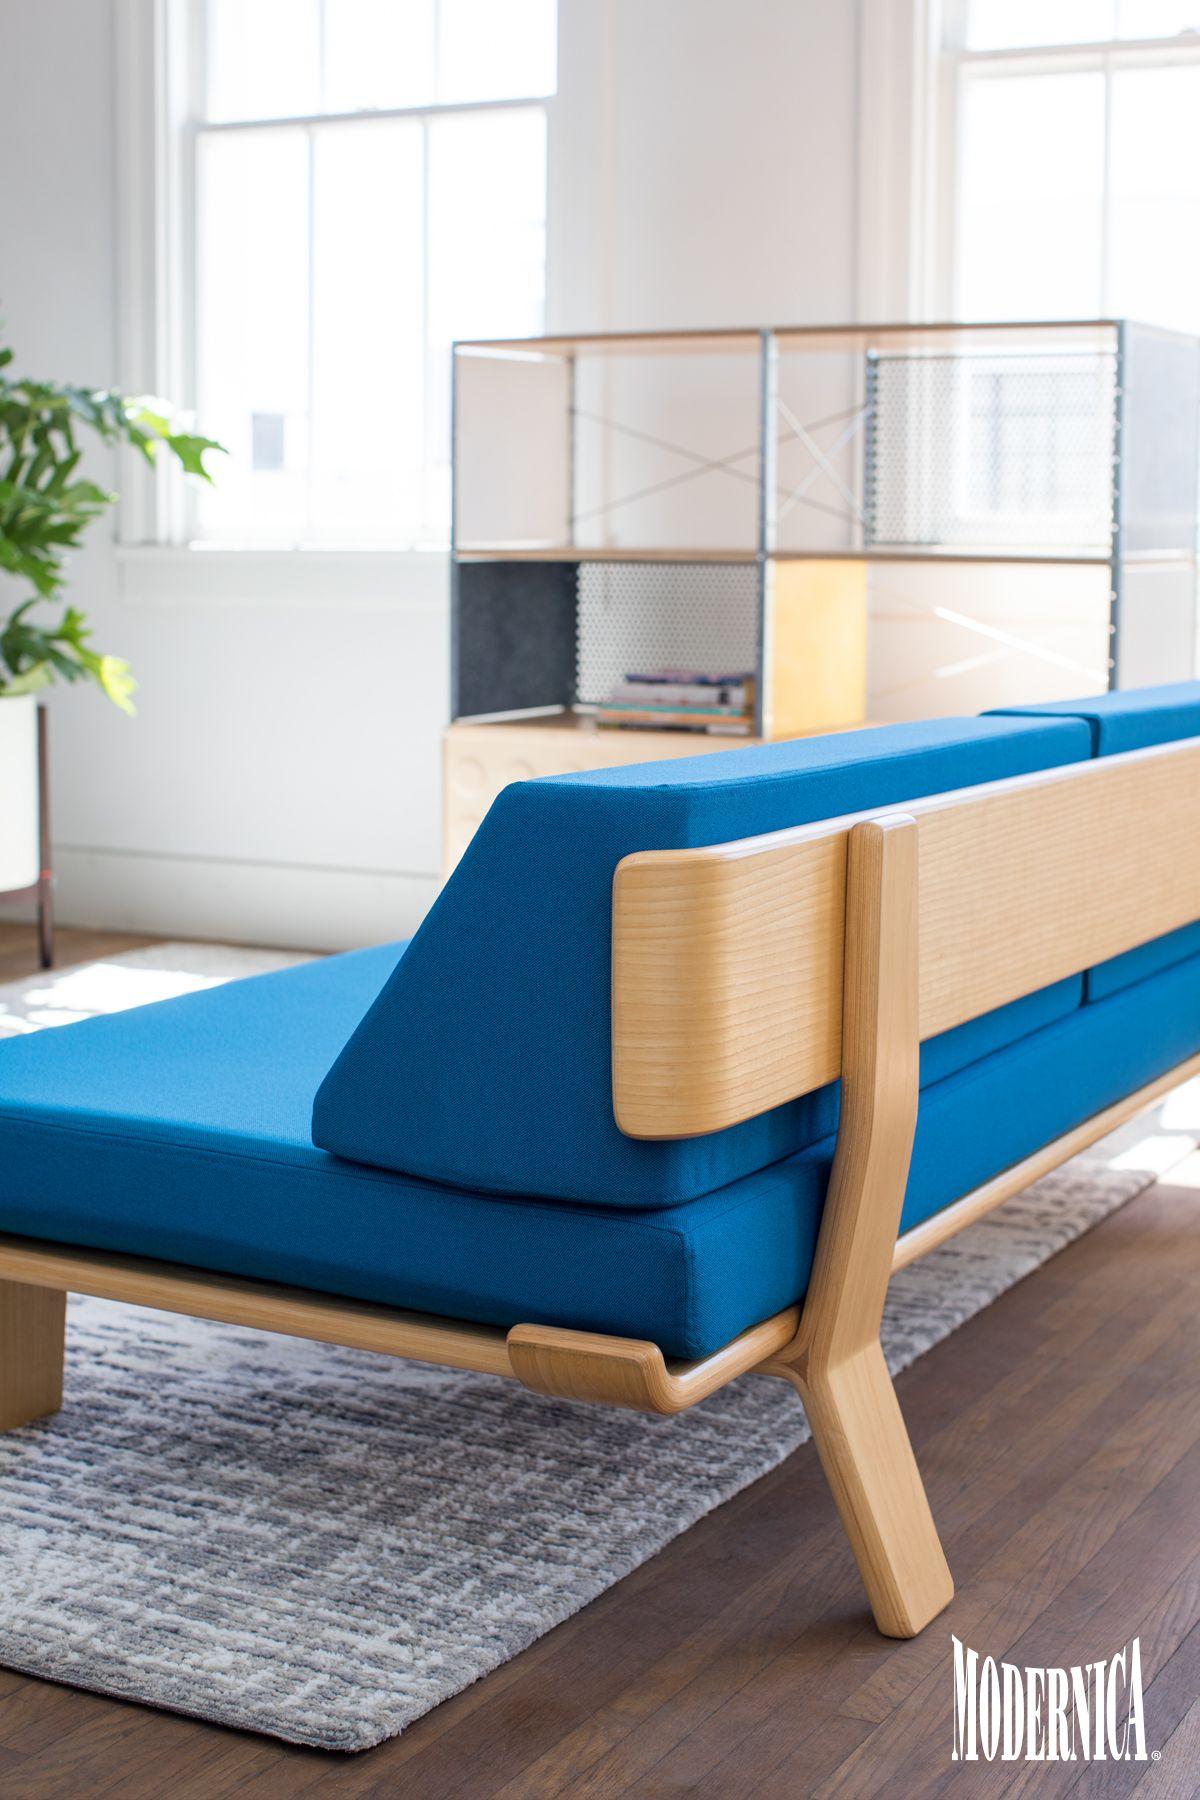 Modernica case study alpine daybed modern furniture made in california